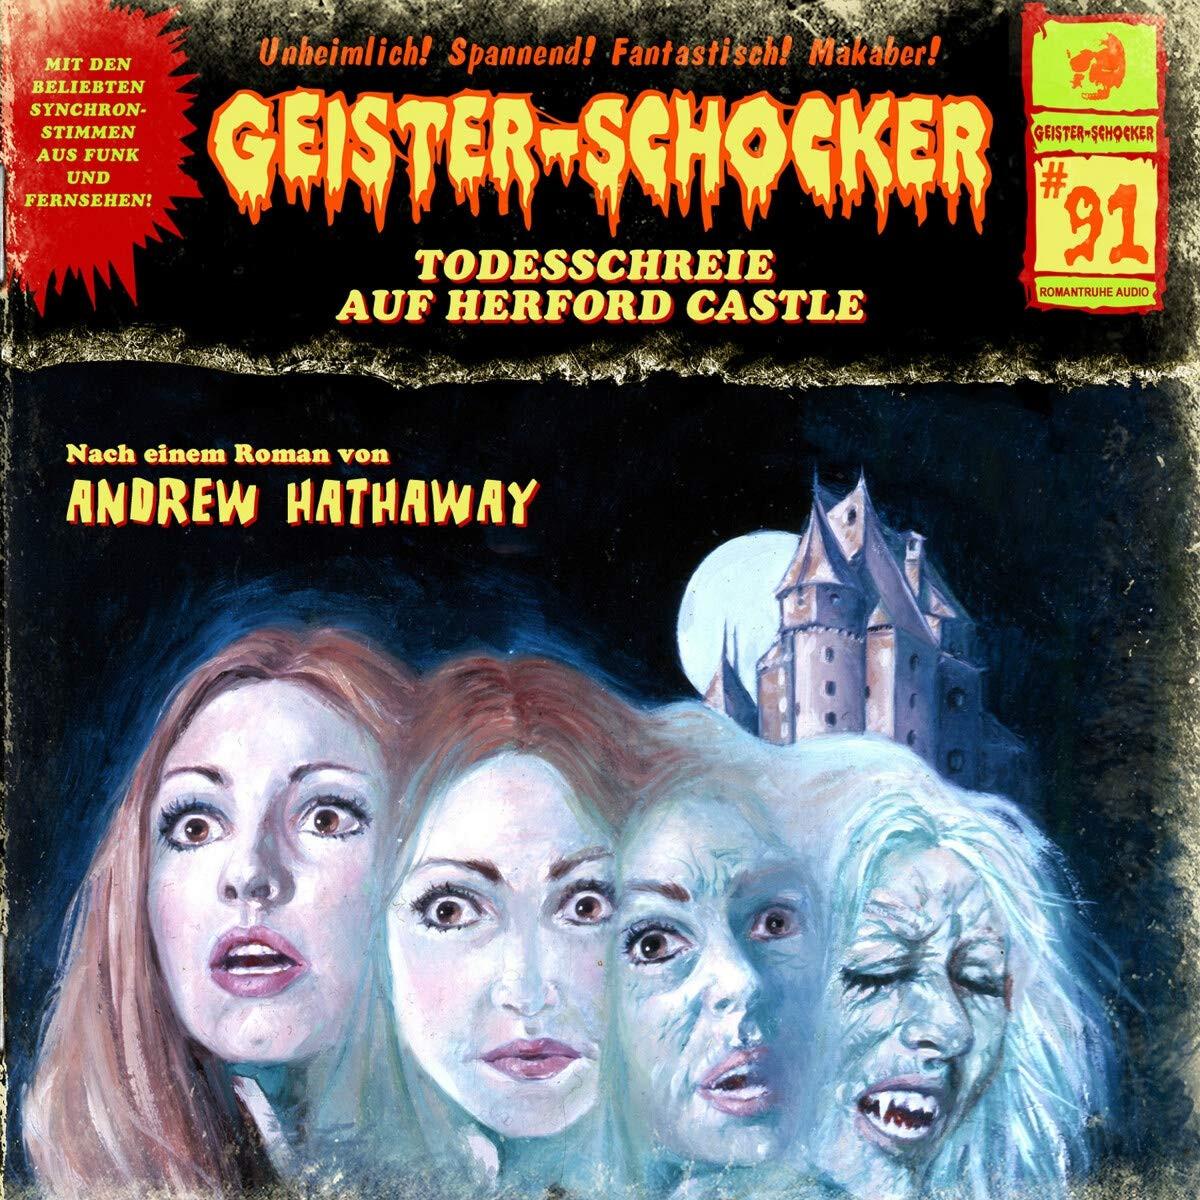 Geister-Schocker 91 Todesschreie auf Herford Castle